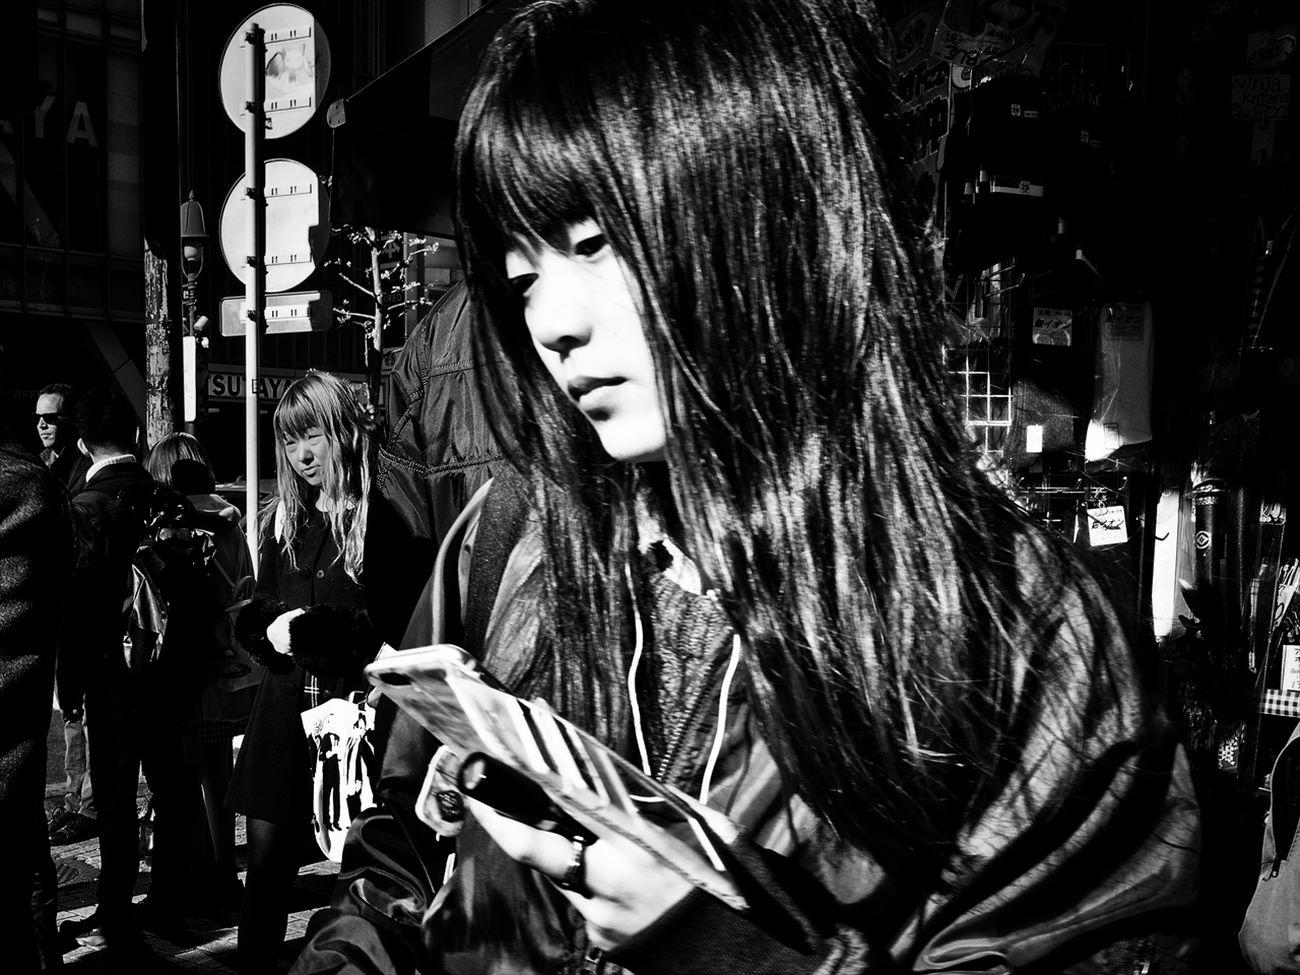 トーキョー・ブルース ~Tokyo Blues~ 渋谷 Shibuya #1 B&w Street Photography Black And White Creative Light And Shadow Monochrome Photography People Shibuya SHINJYUKU Street Street Photography Streetphoto Streetphoto_bw Streetphotographer Streetphotographers Streetphotography Streetphotography_bw Tokyo Tokyo Street Photography Tokyo,Japan